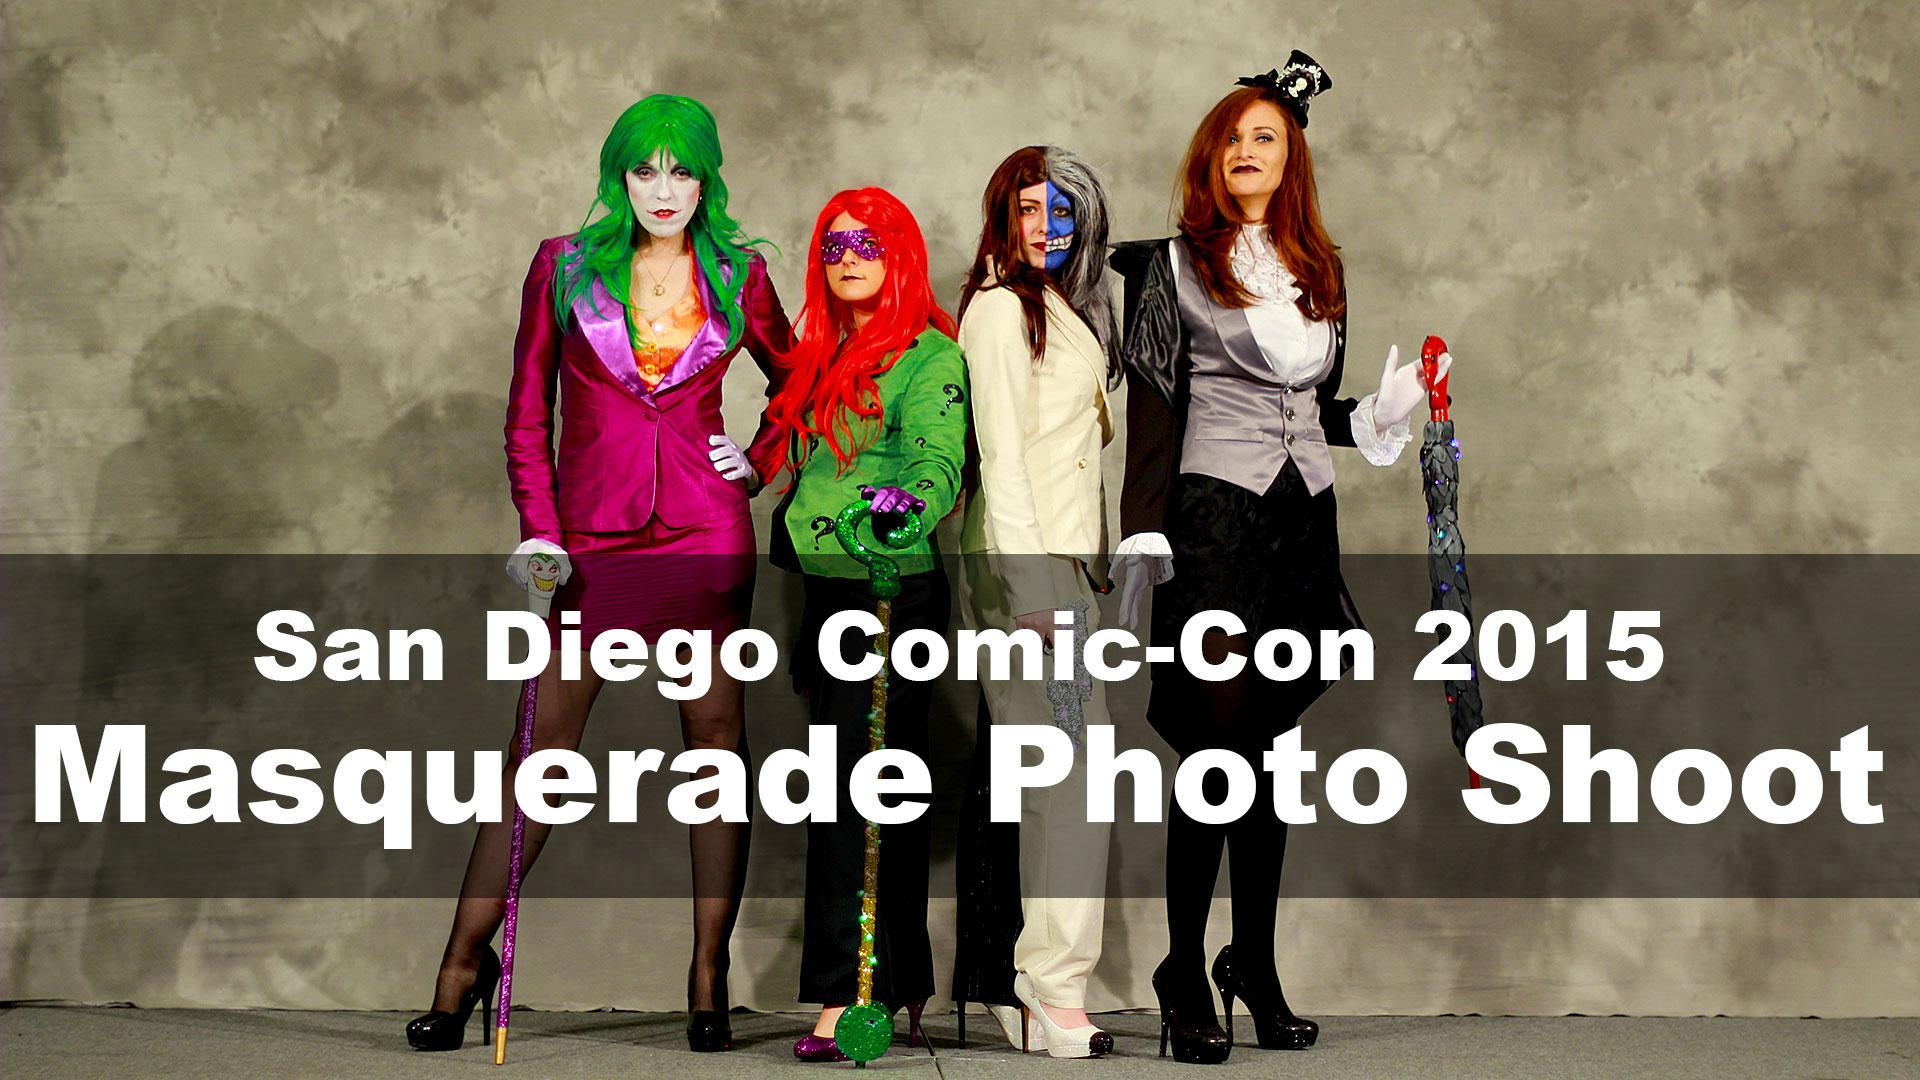 Comic-Con 2015 Masquerade Photo Shoot